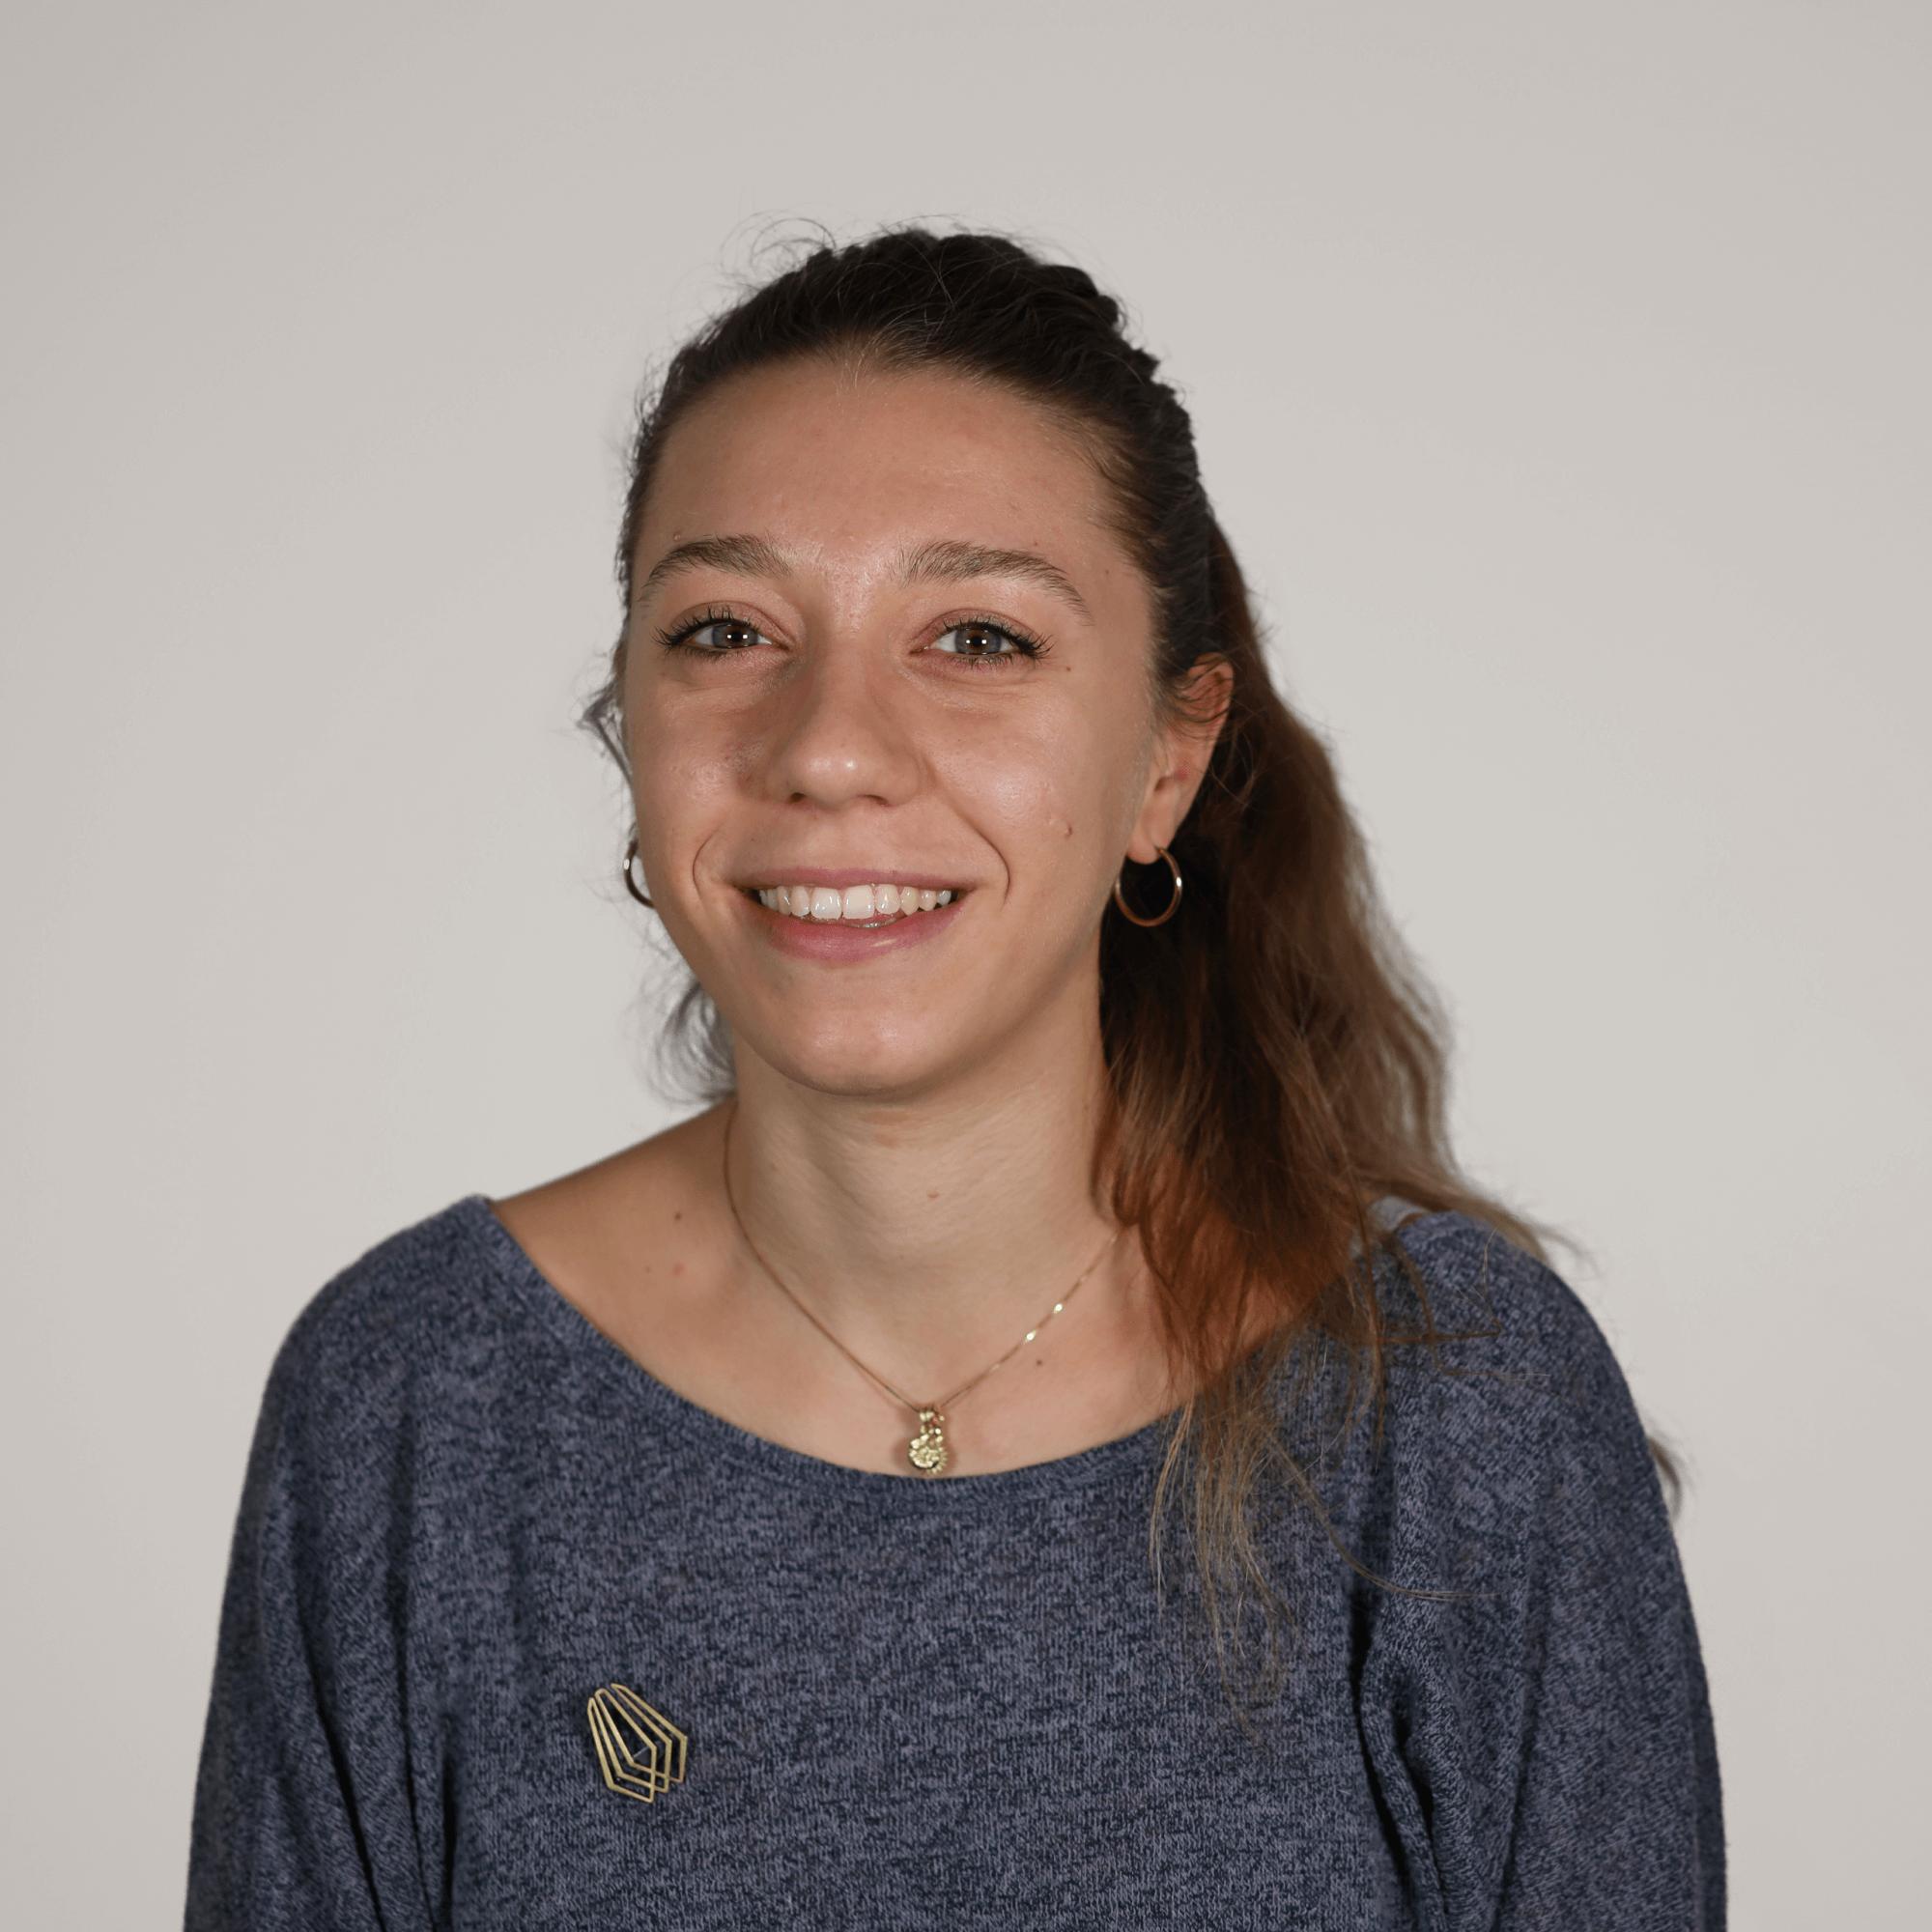 Sofia Motta